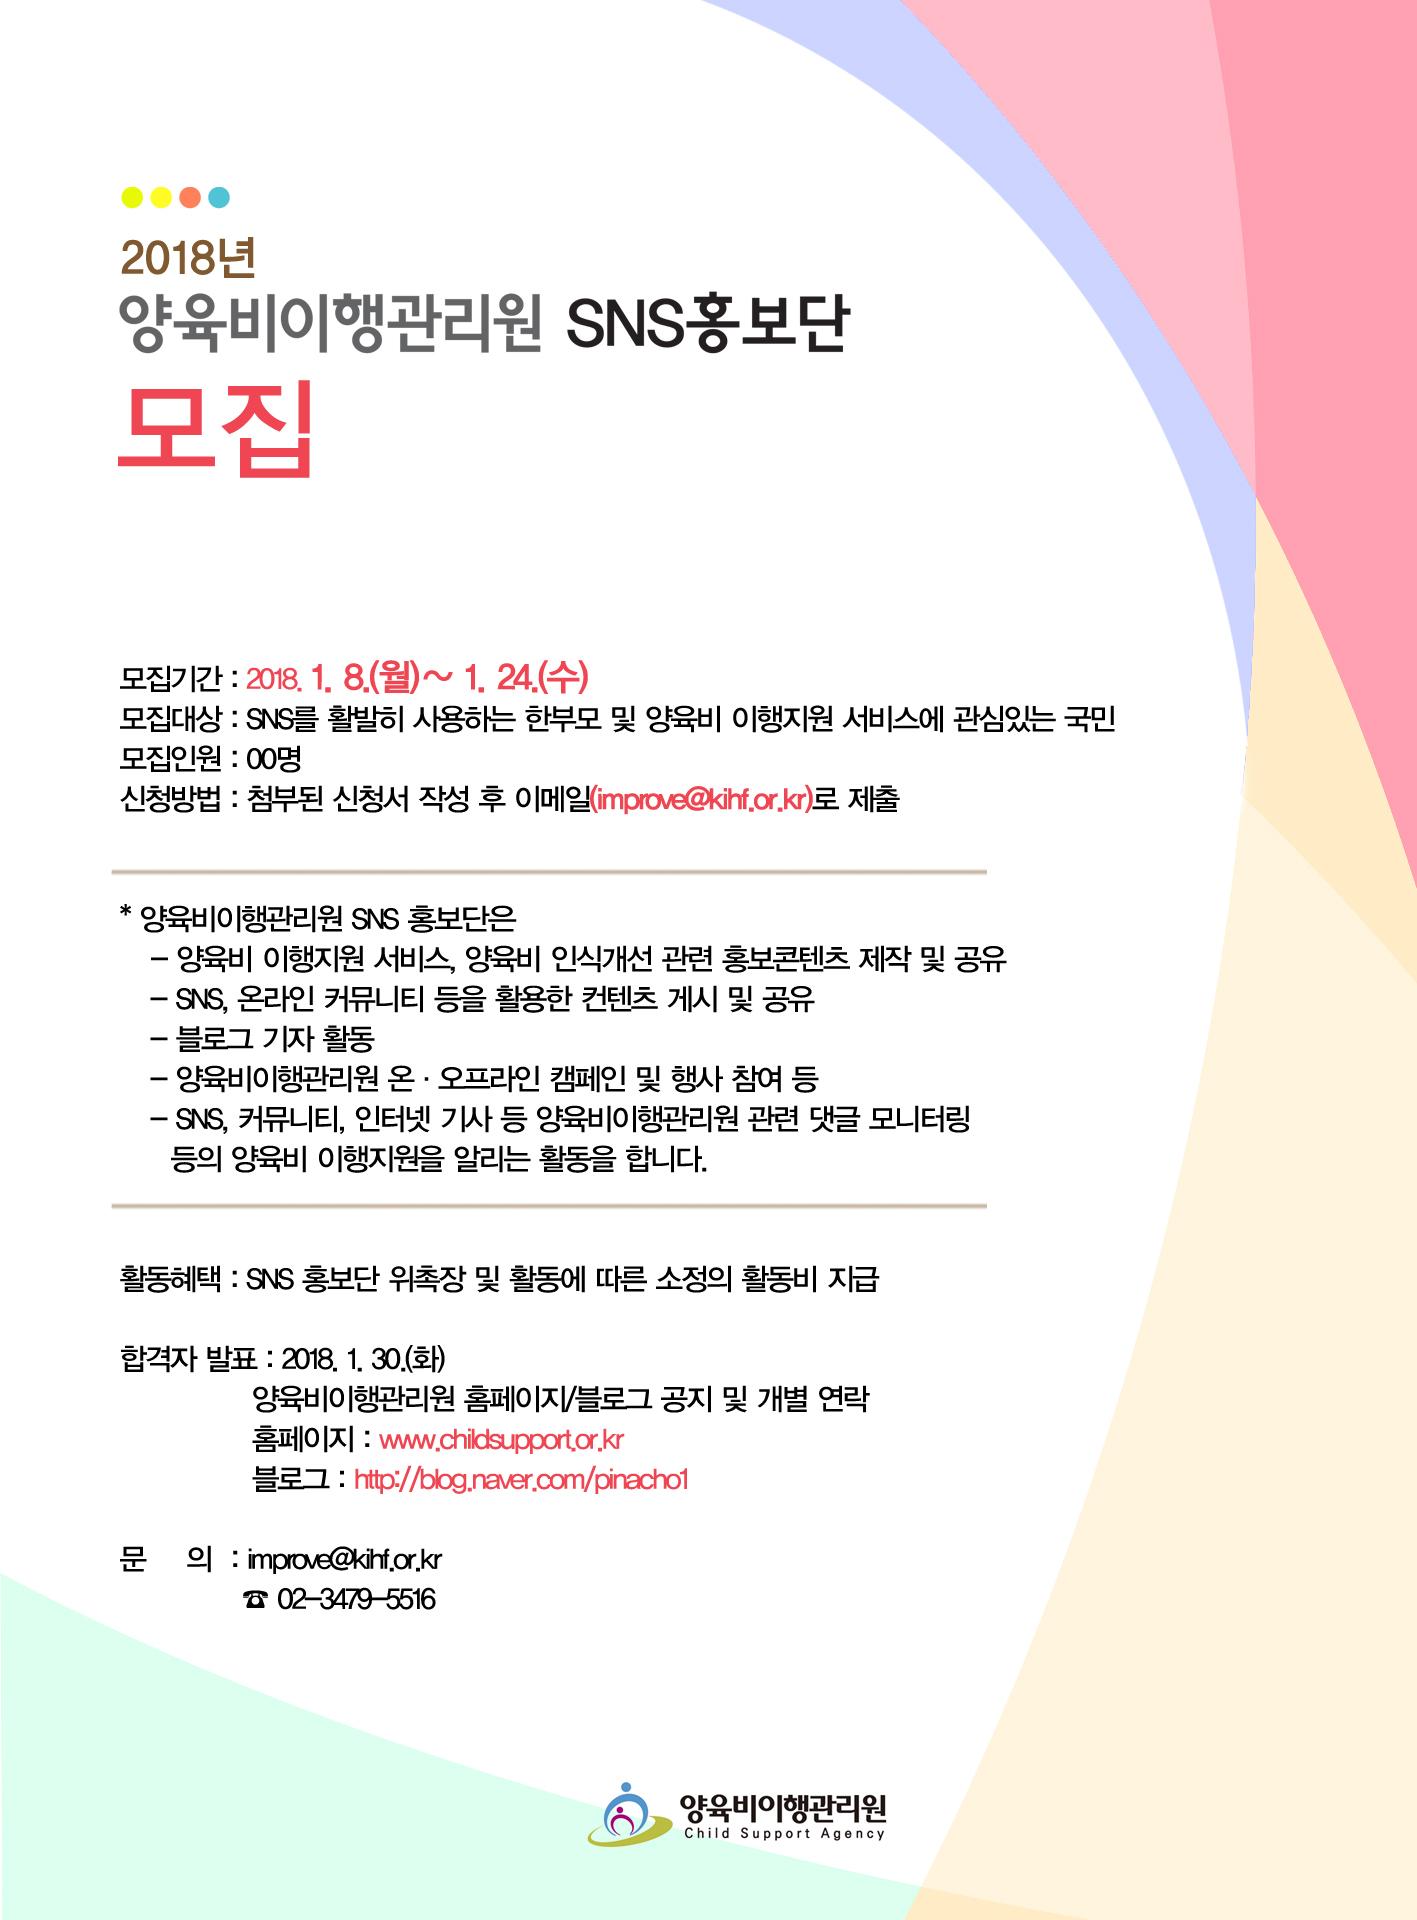 2018년 SNS 홍보단 모집